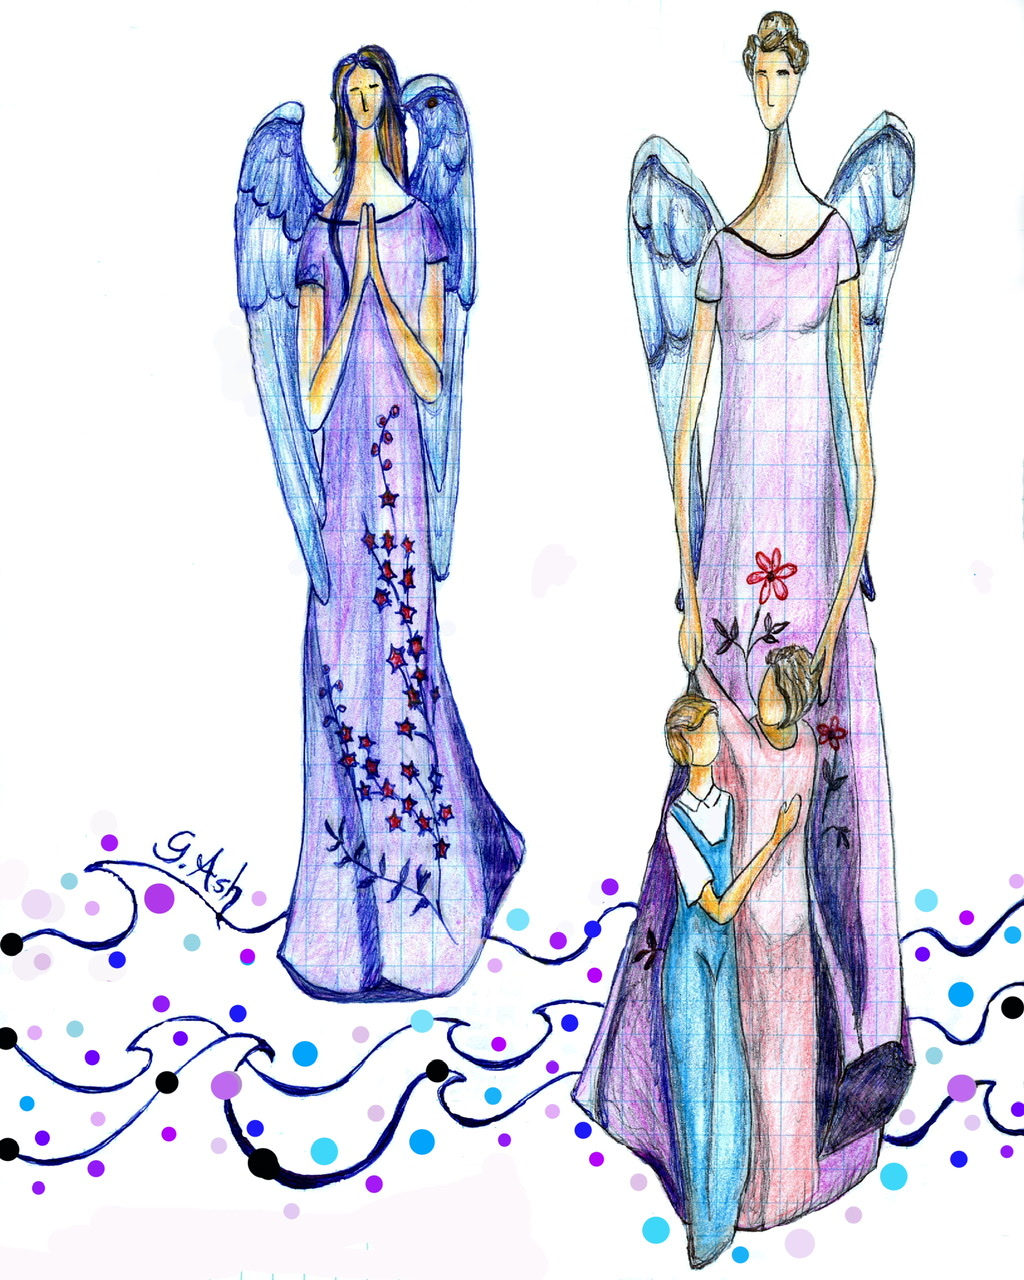 """<span style=""""color: #ff0000;""""><a style=""""color: #ff0000;"""" href=""""mailto:marie.laura@@videotron.ca?subject=Défi 15 dessins 15 semaines - Paix et amour"""">Contacter l'artiste</a></span> Ginette Ash - Paix et amour - 75 $ (transaction directement avec l'artiste) - crayons de couleur et stylo bleu sur papier - 11x8 po"""